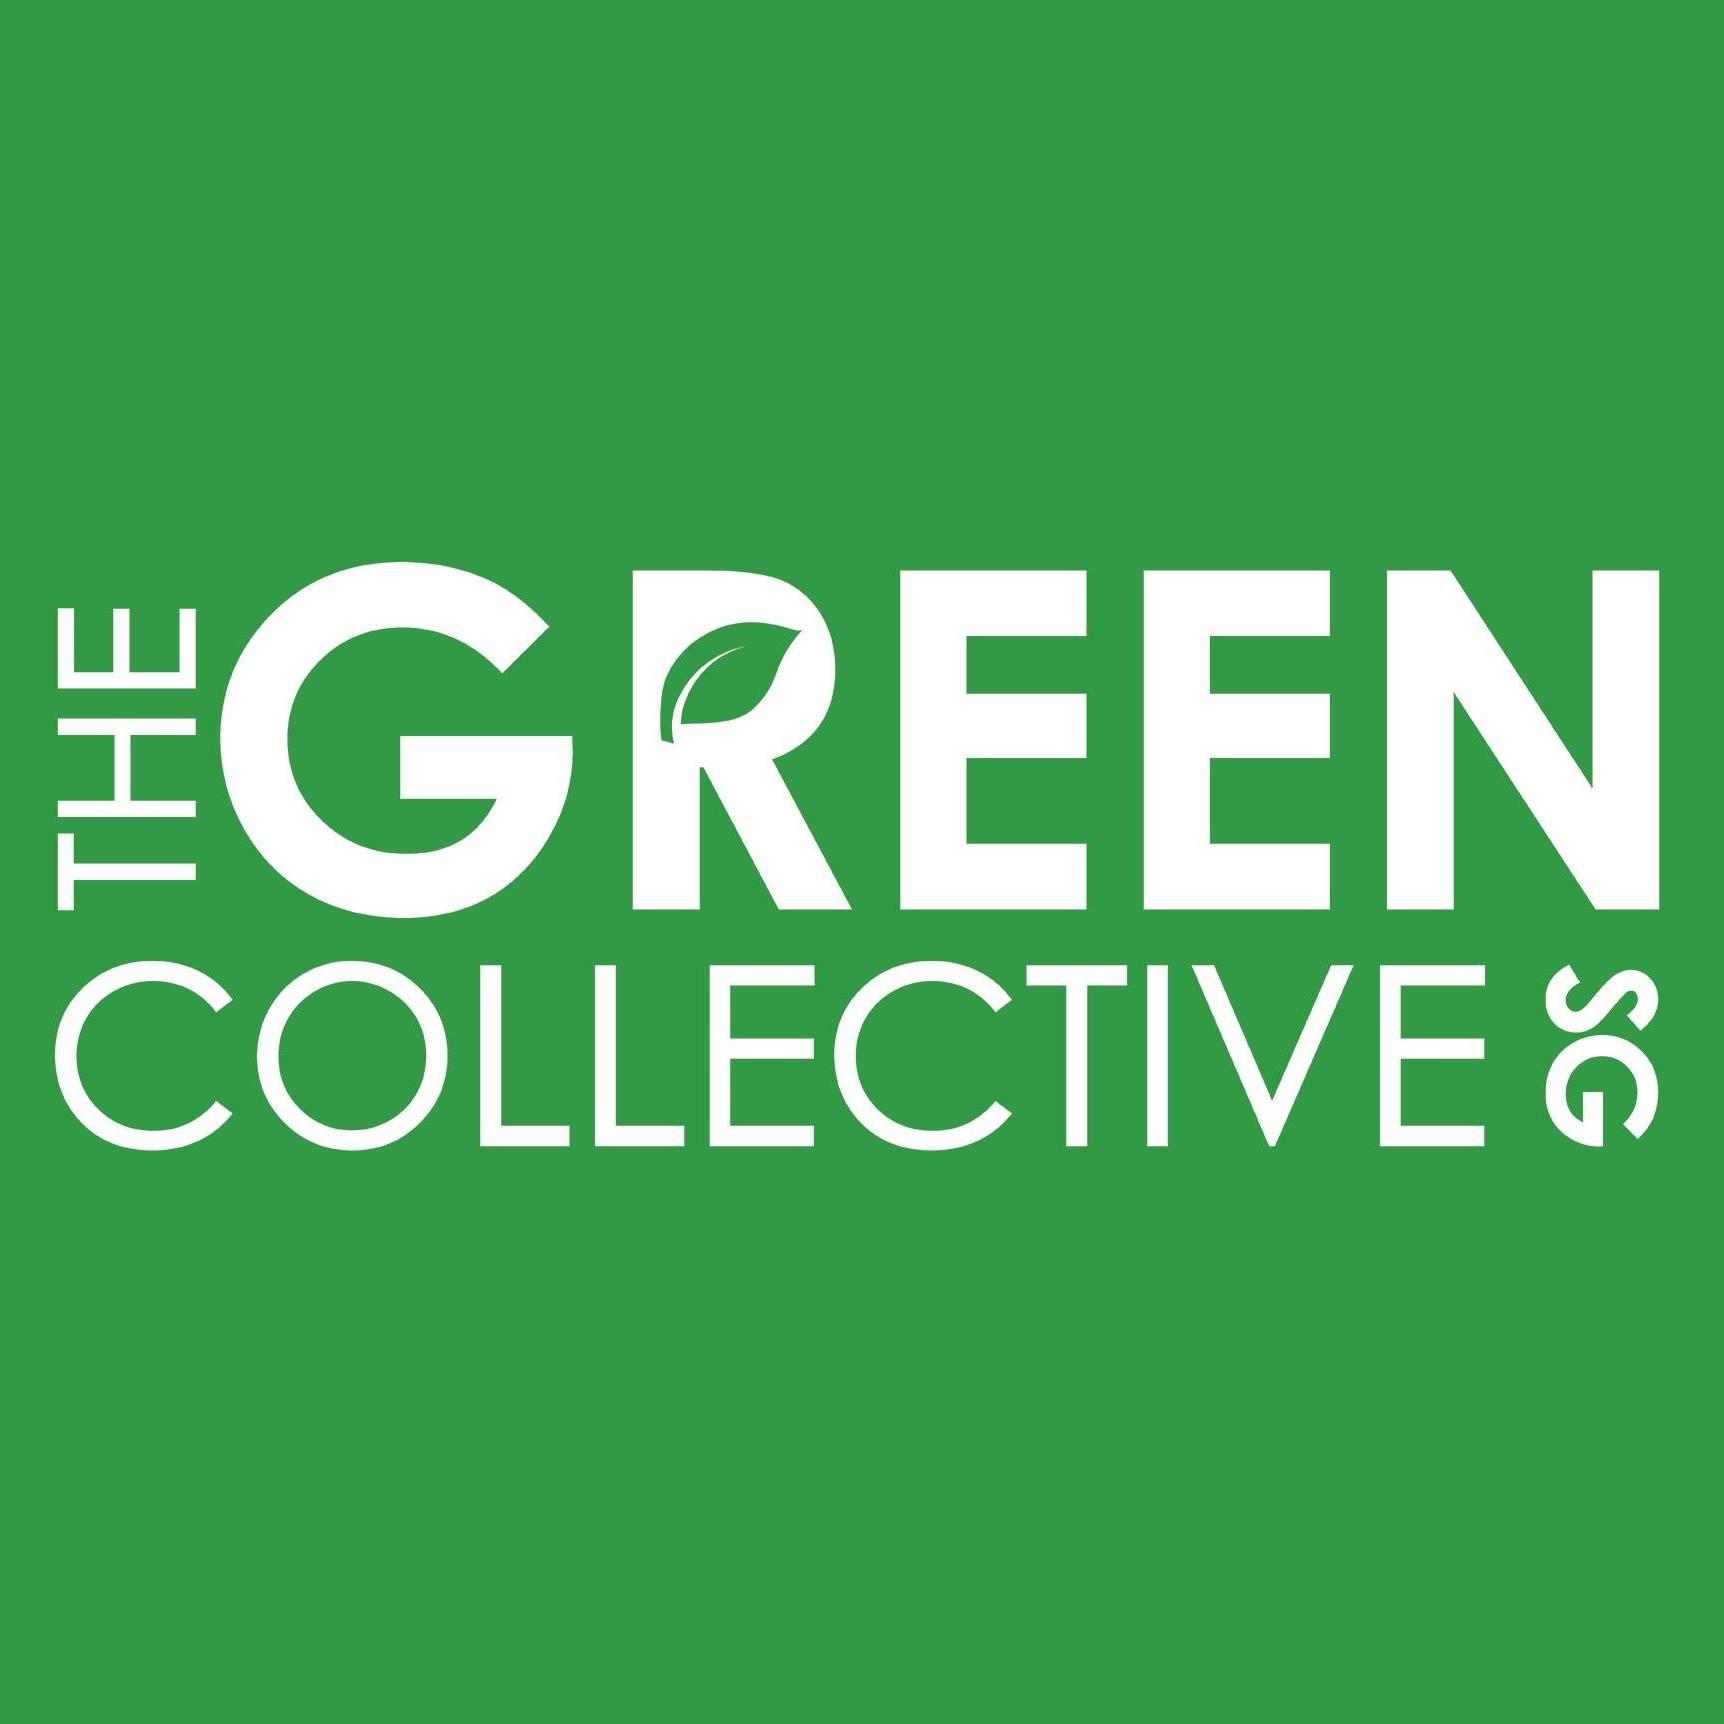 thegreencollectivesg